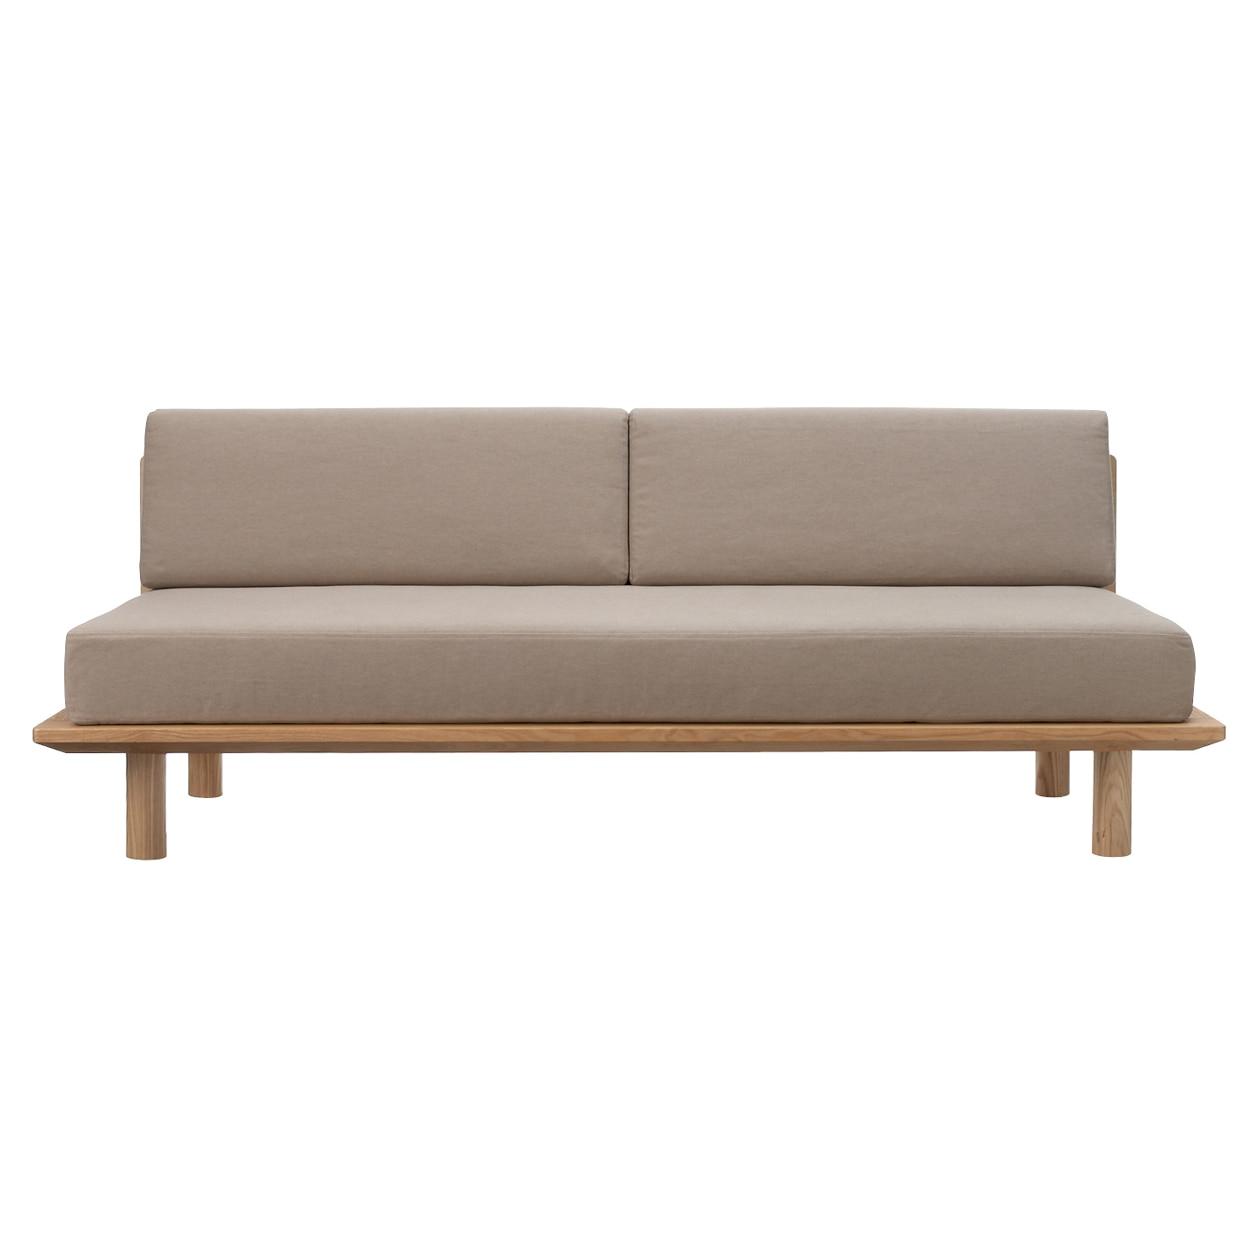 綿平織木製ソファフレーム用カバー/ベージュ